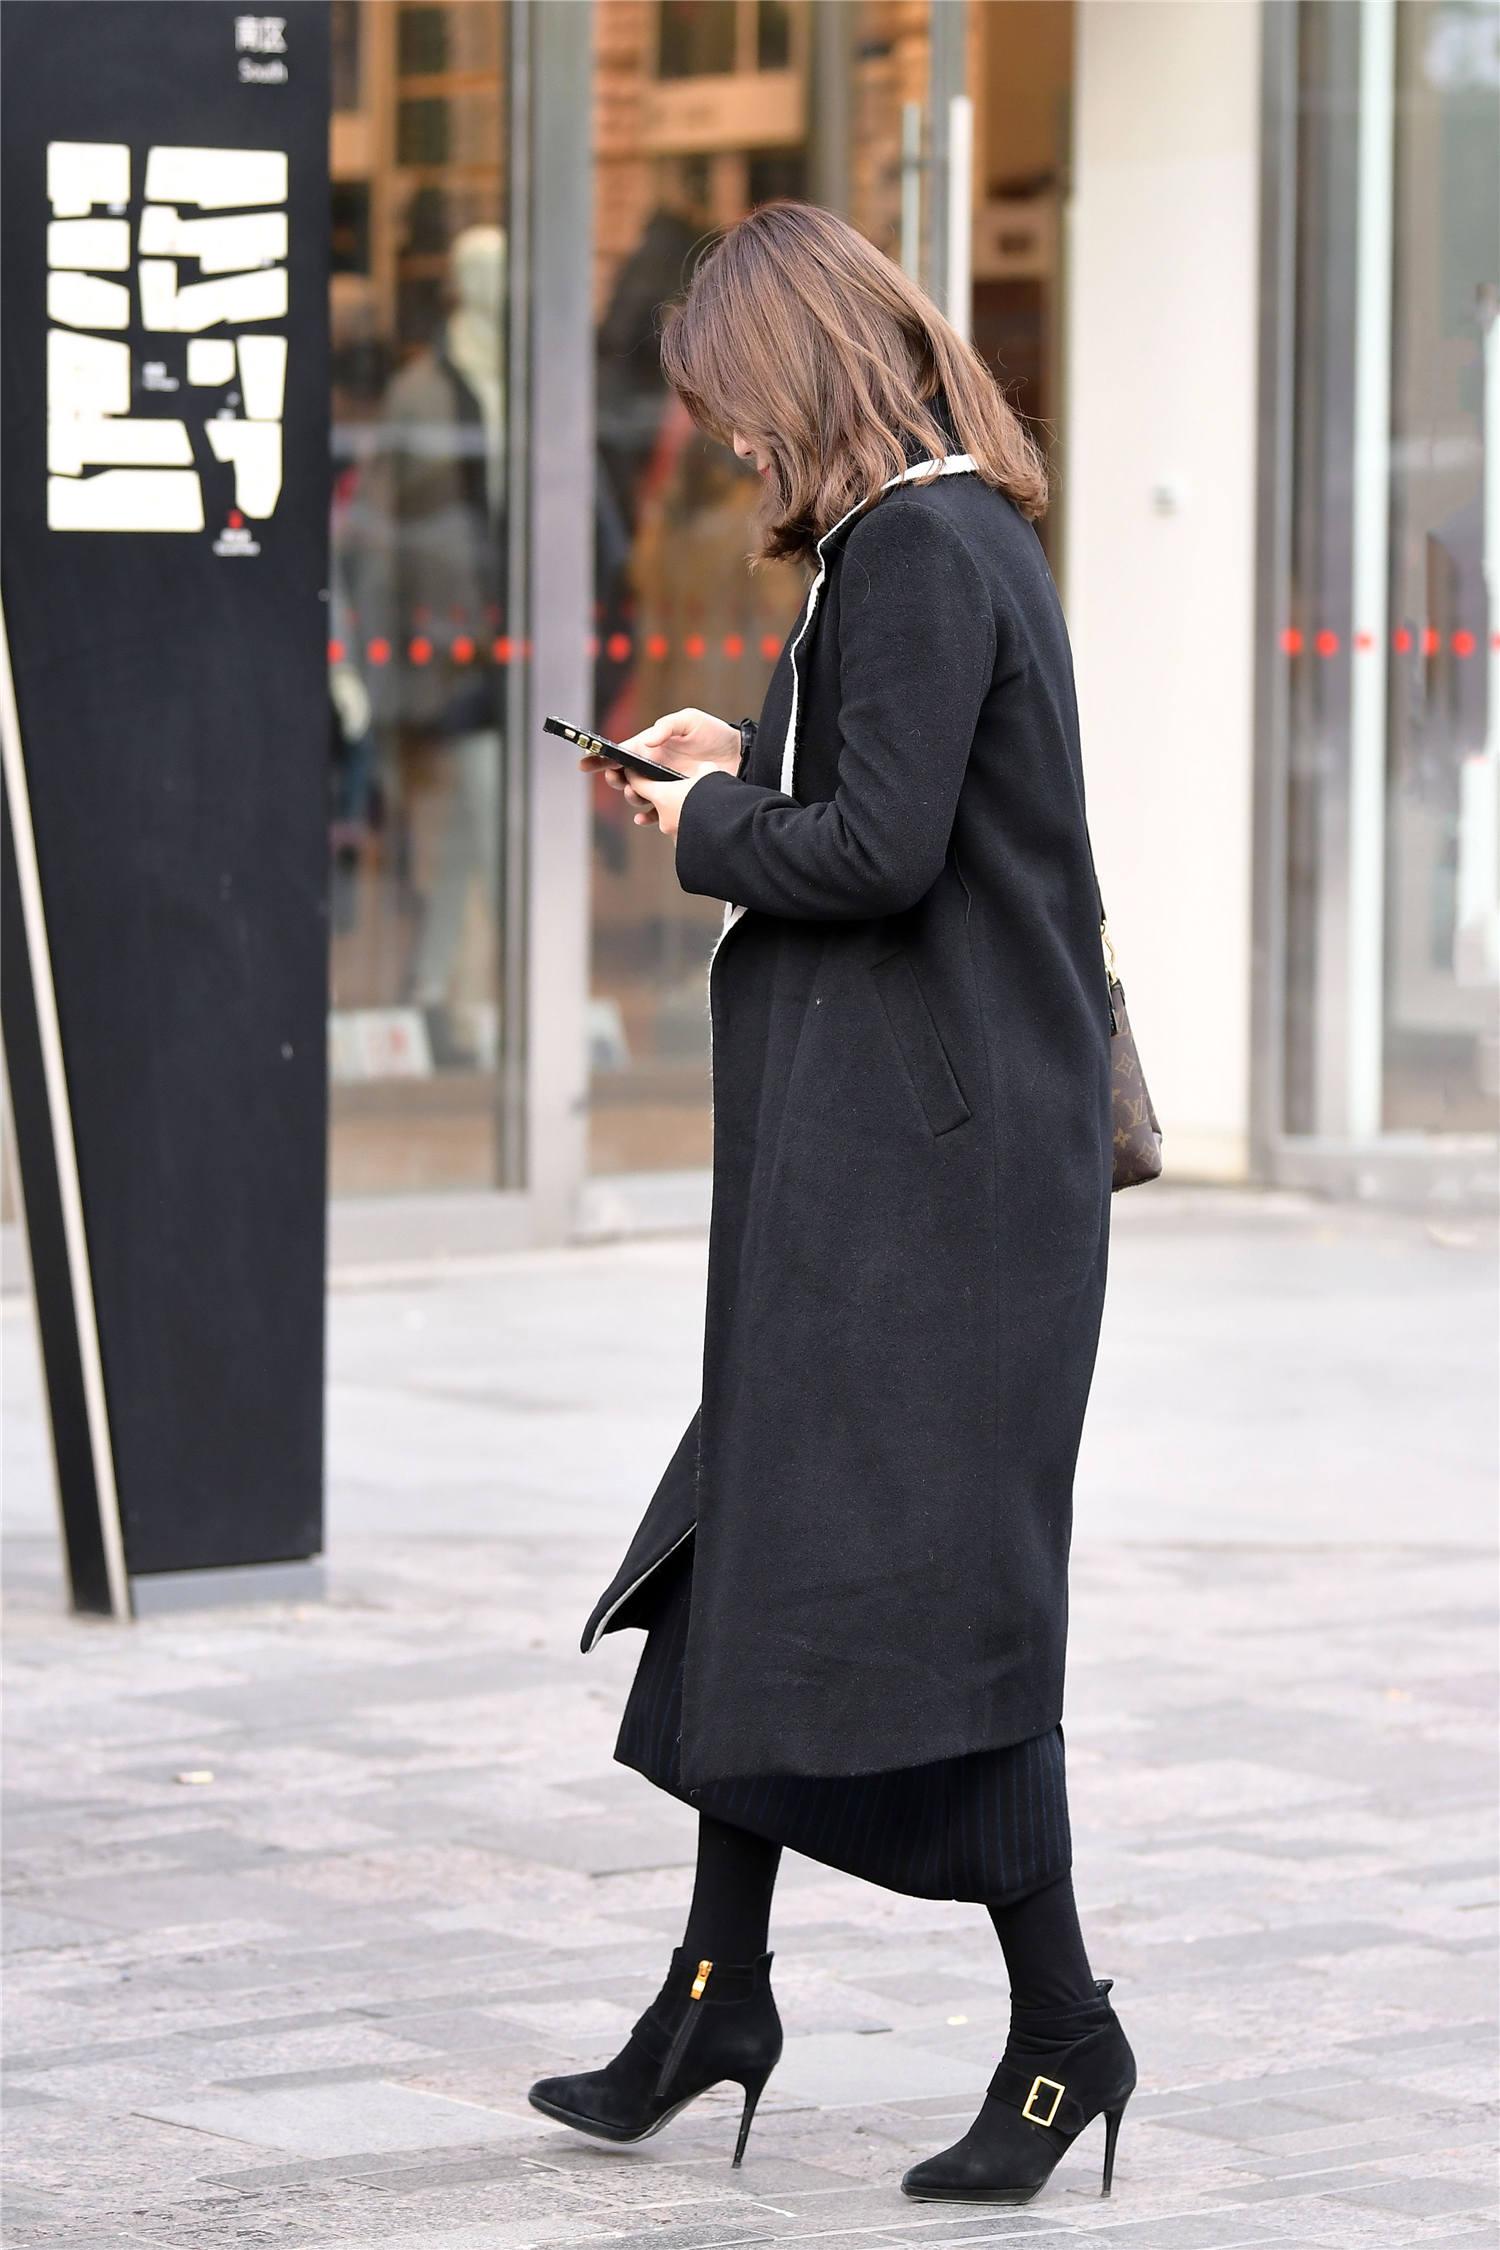 穿短靴就要选择高跟鞋,粗跟和细跟你喜欢哪一款,会怎么搭配呢?